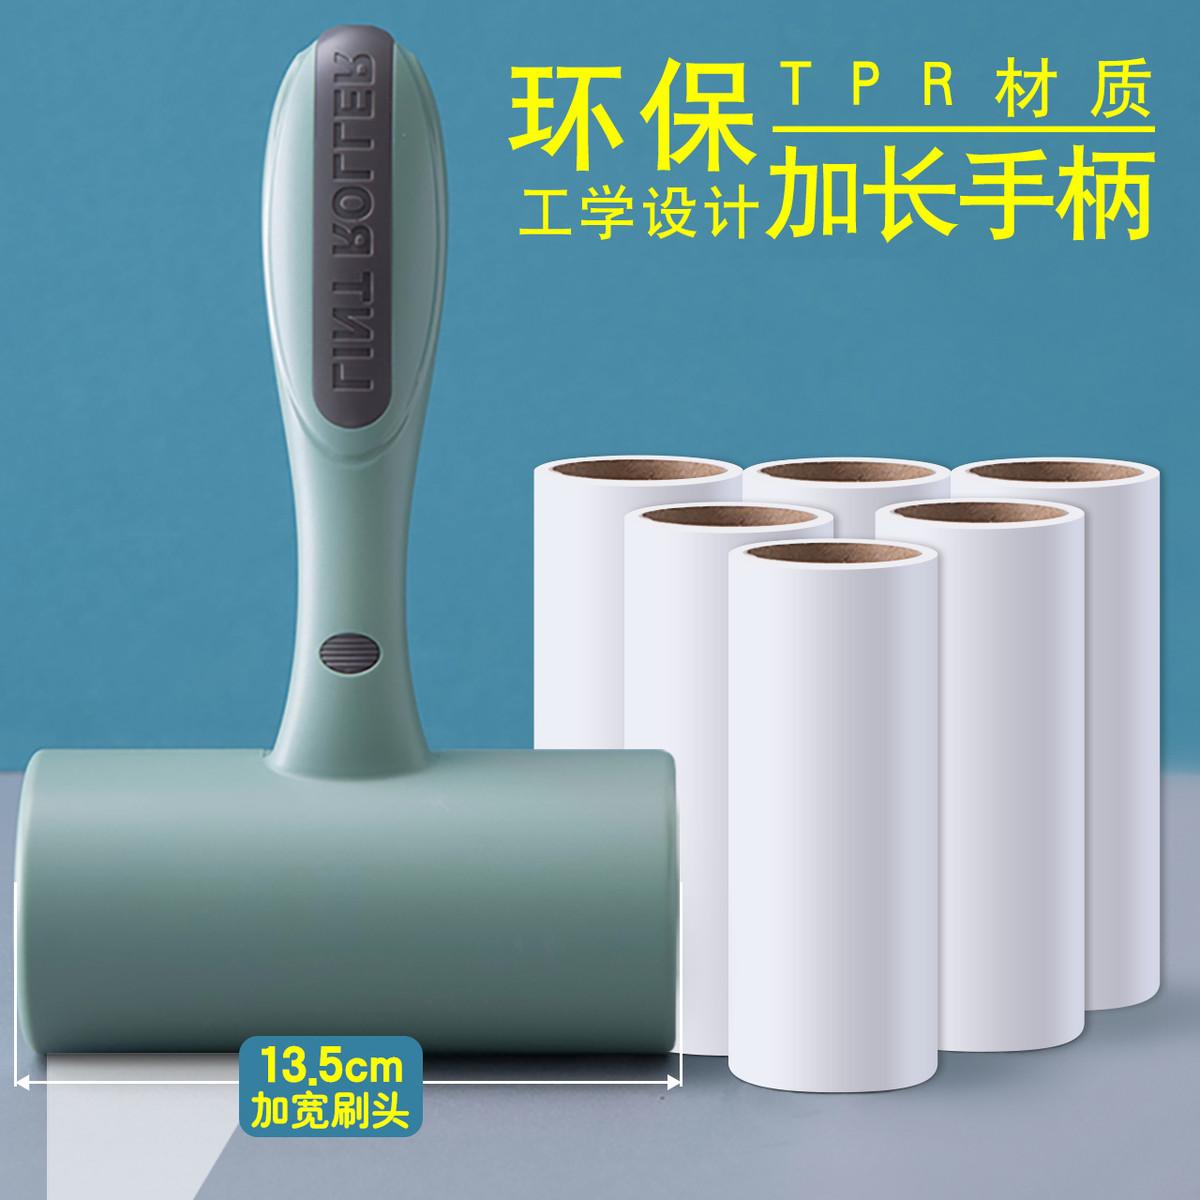 粘毛器可撕式滚筒衣服粘毛神器家用黏粘尘纸去毛刷去除毛器毡滚子,可领取1元天猫优惠券